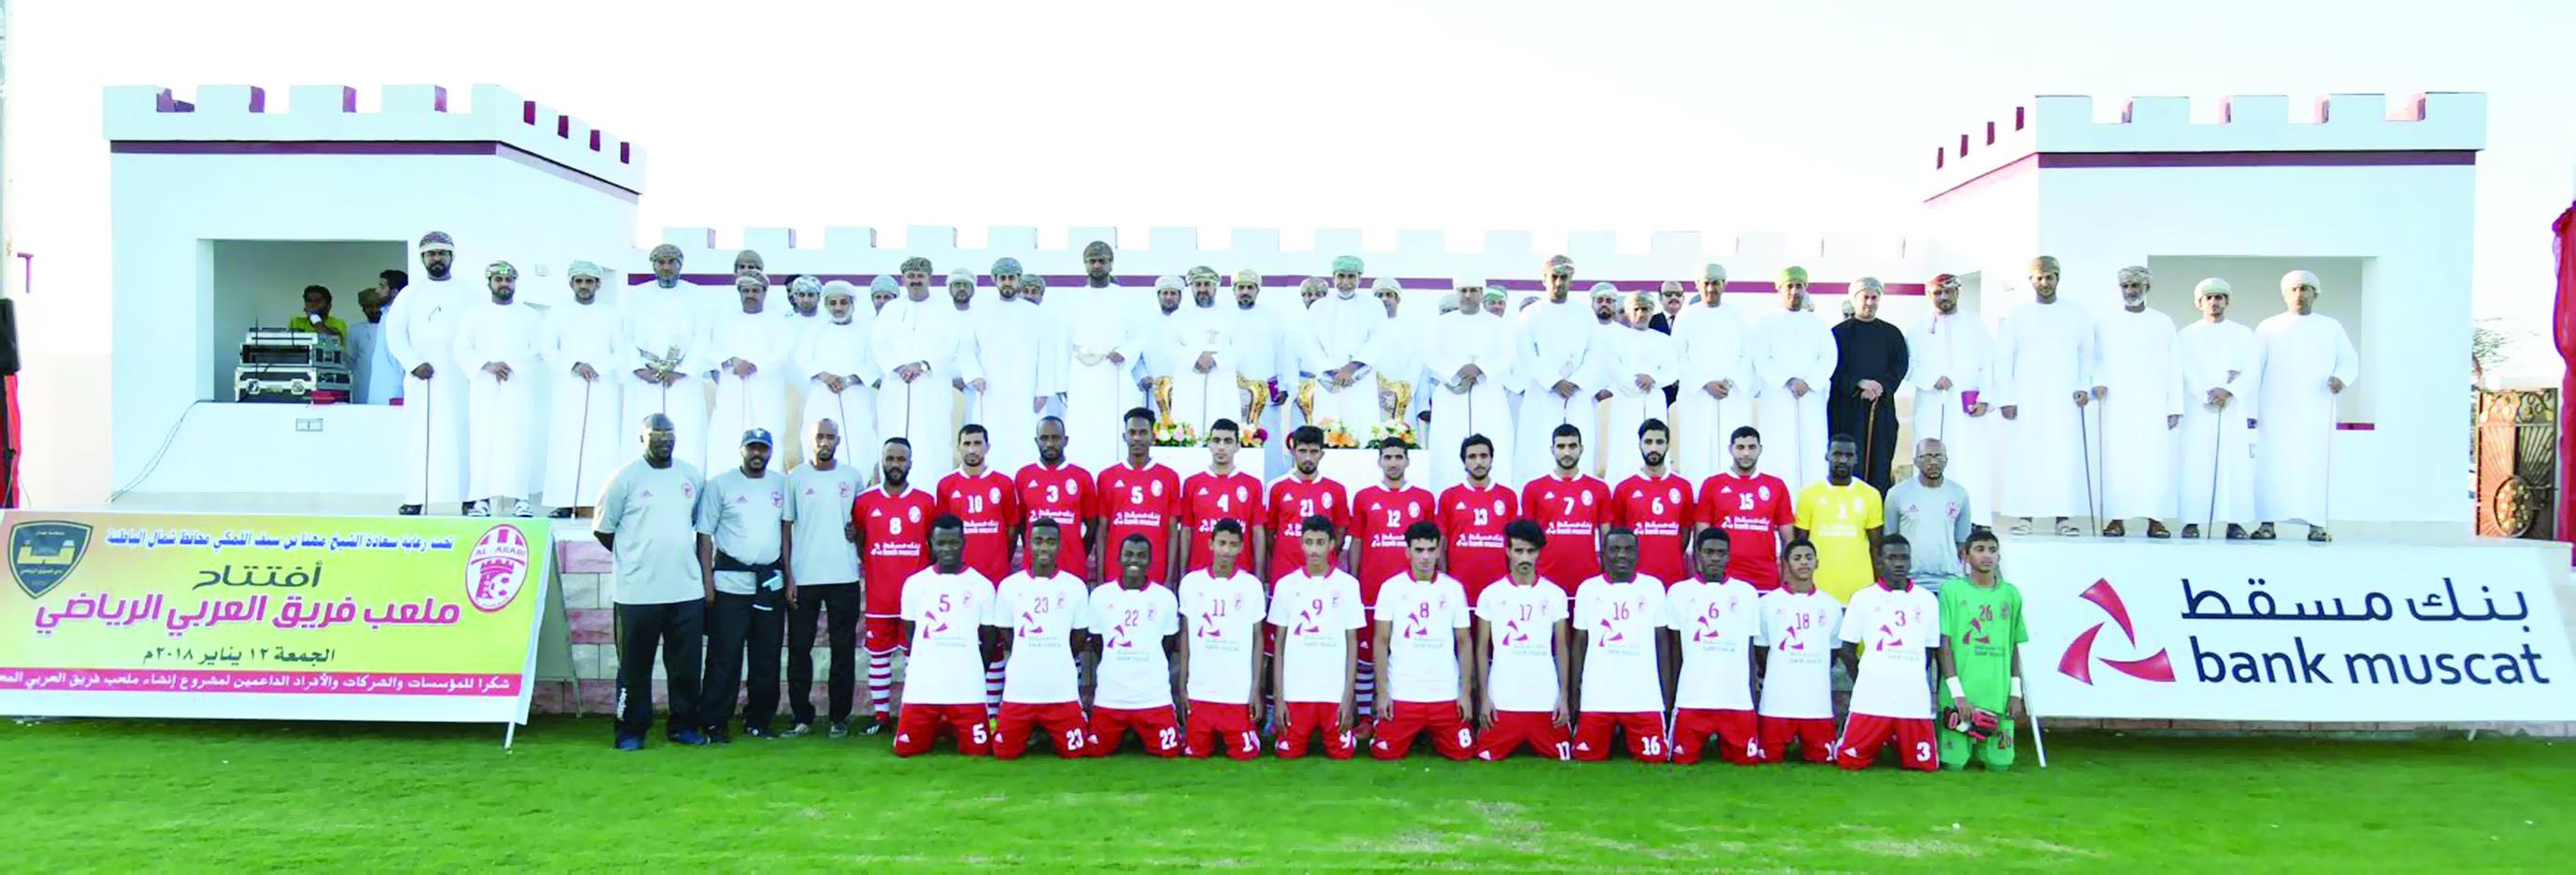 ضمن برنامج «الملاعب الخضراء» بنك مسقط يفتتح ملعب «العربي» الجديد